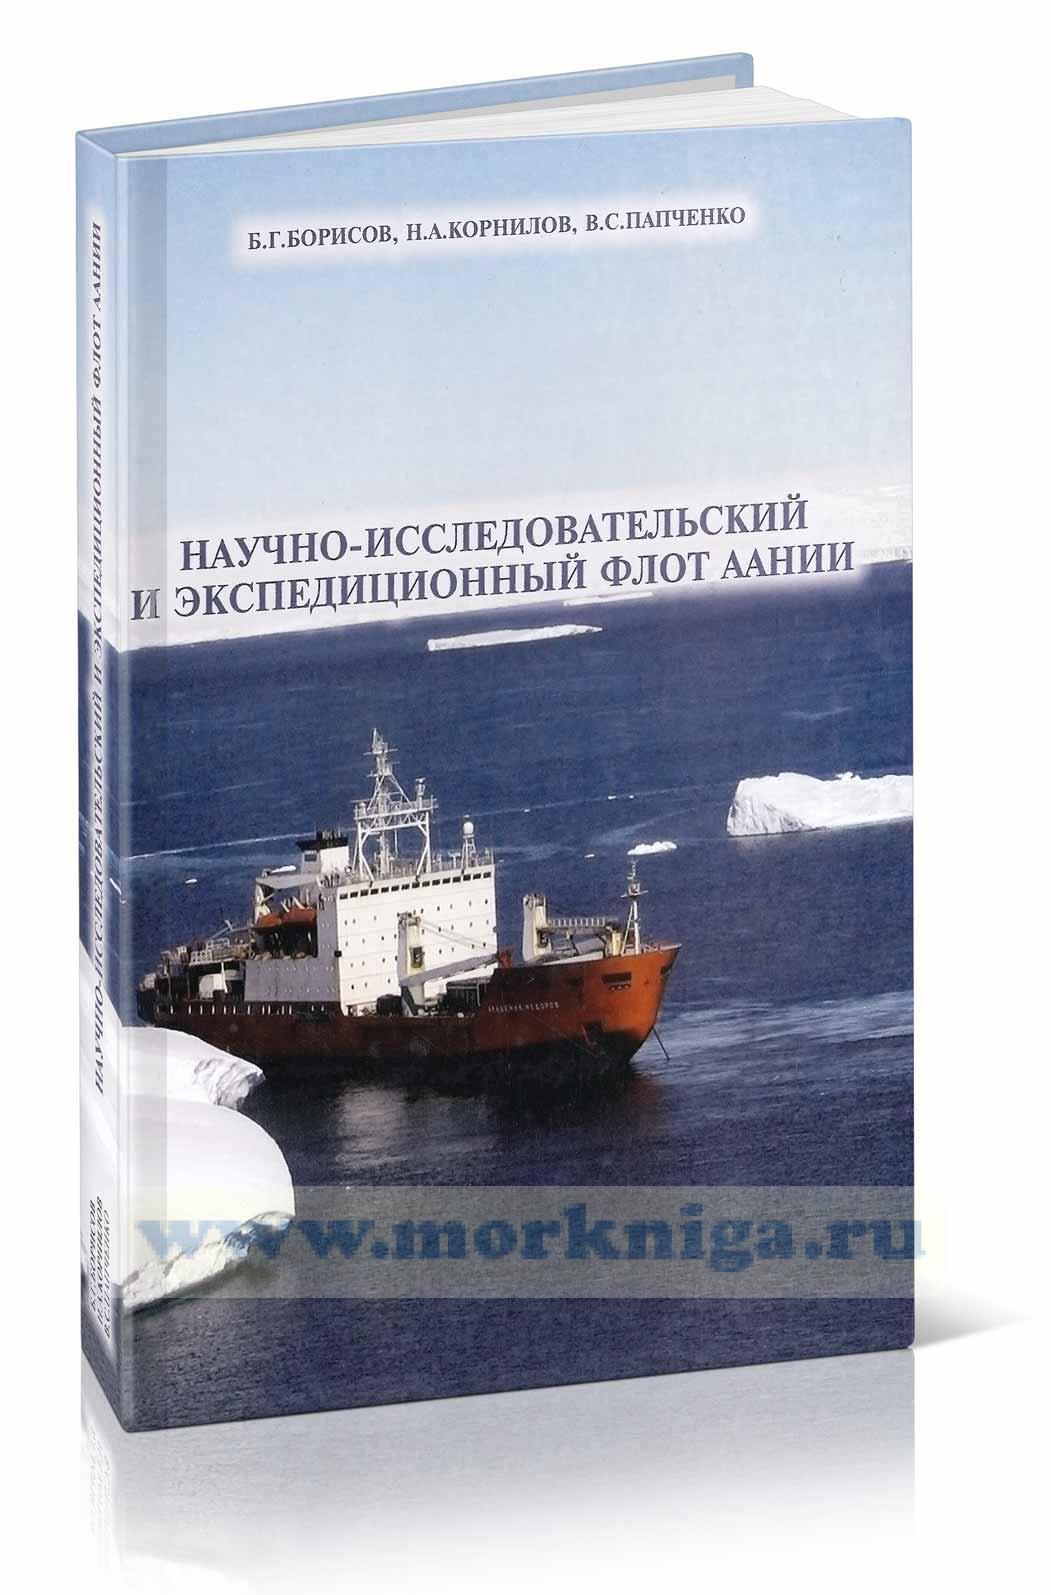 Научно-исследовательский и экспедиционный флот ААНИИ